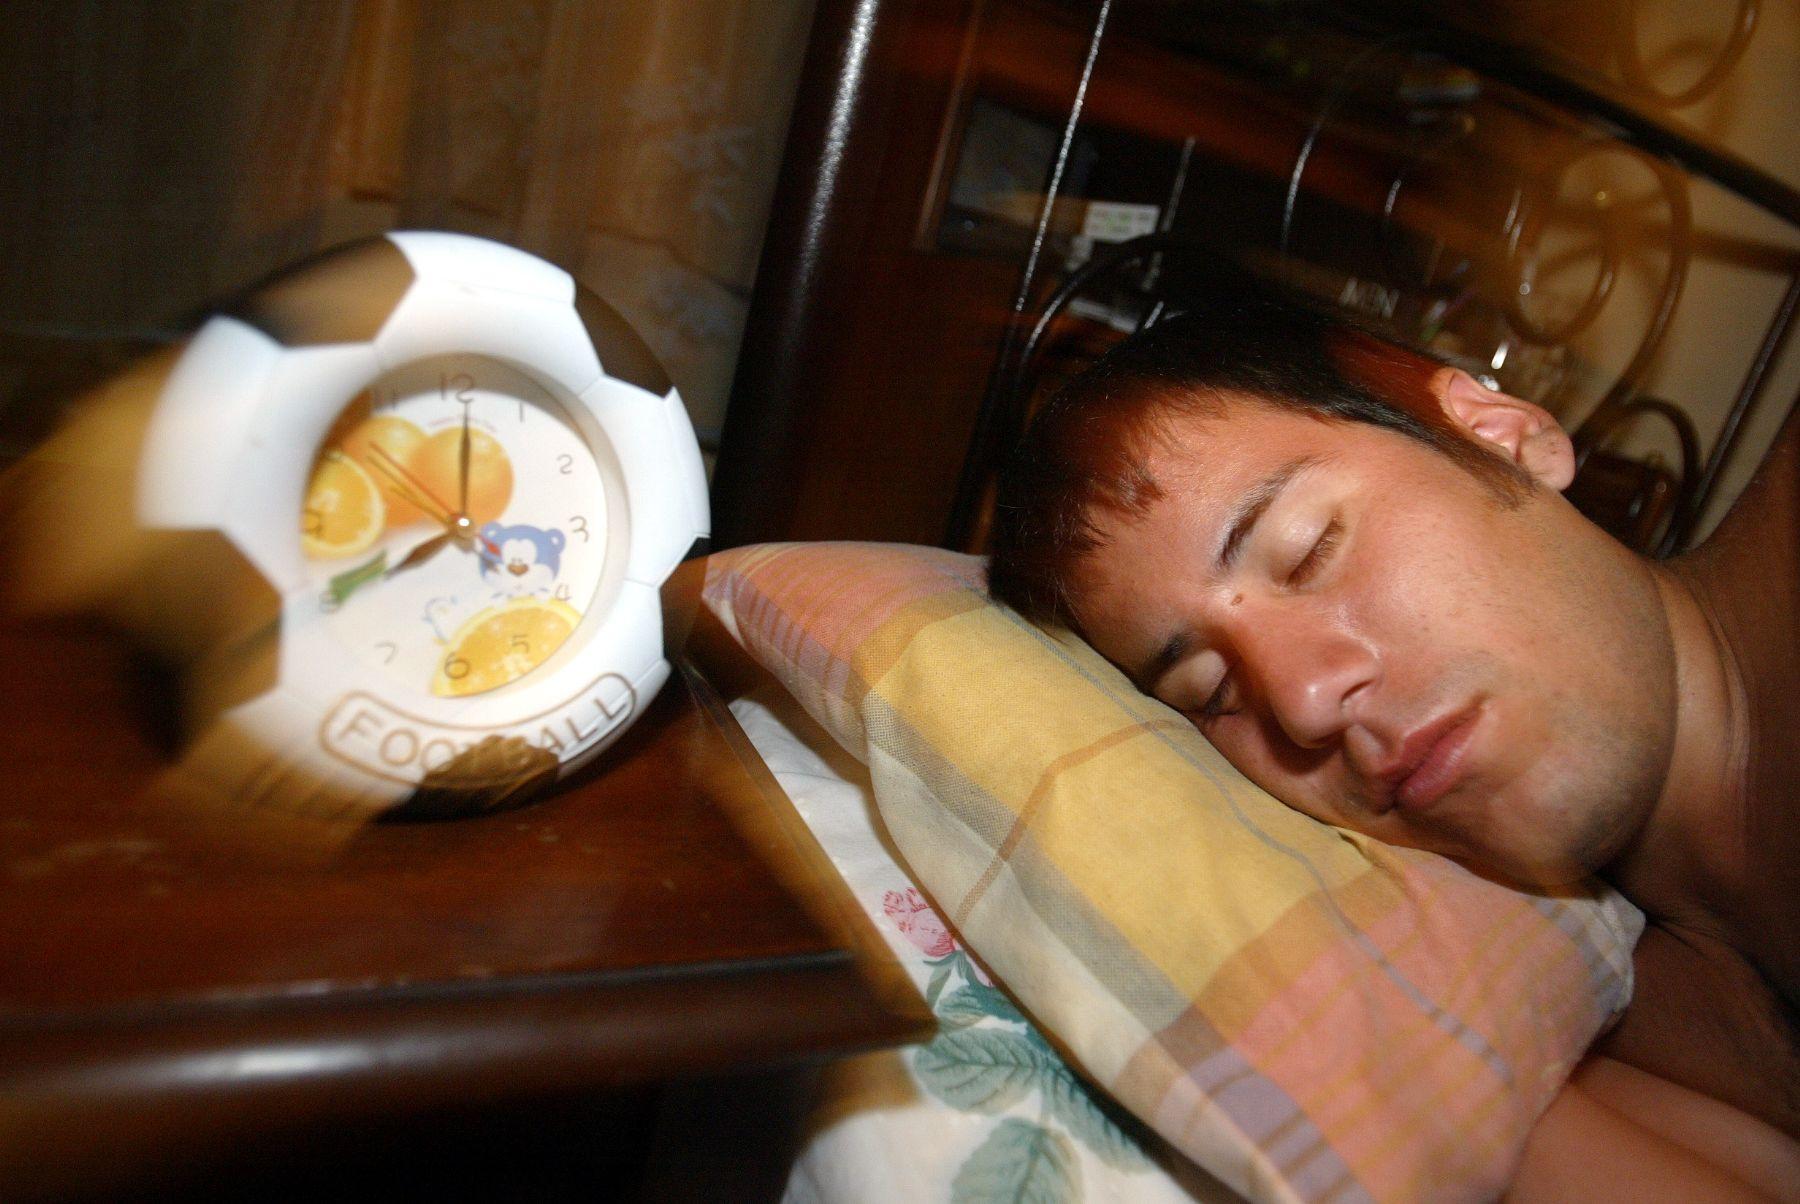 Gran portentaje de peruanos padece transtornos del sueño. Foto: ANDINA / Archivo